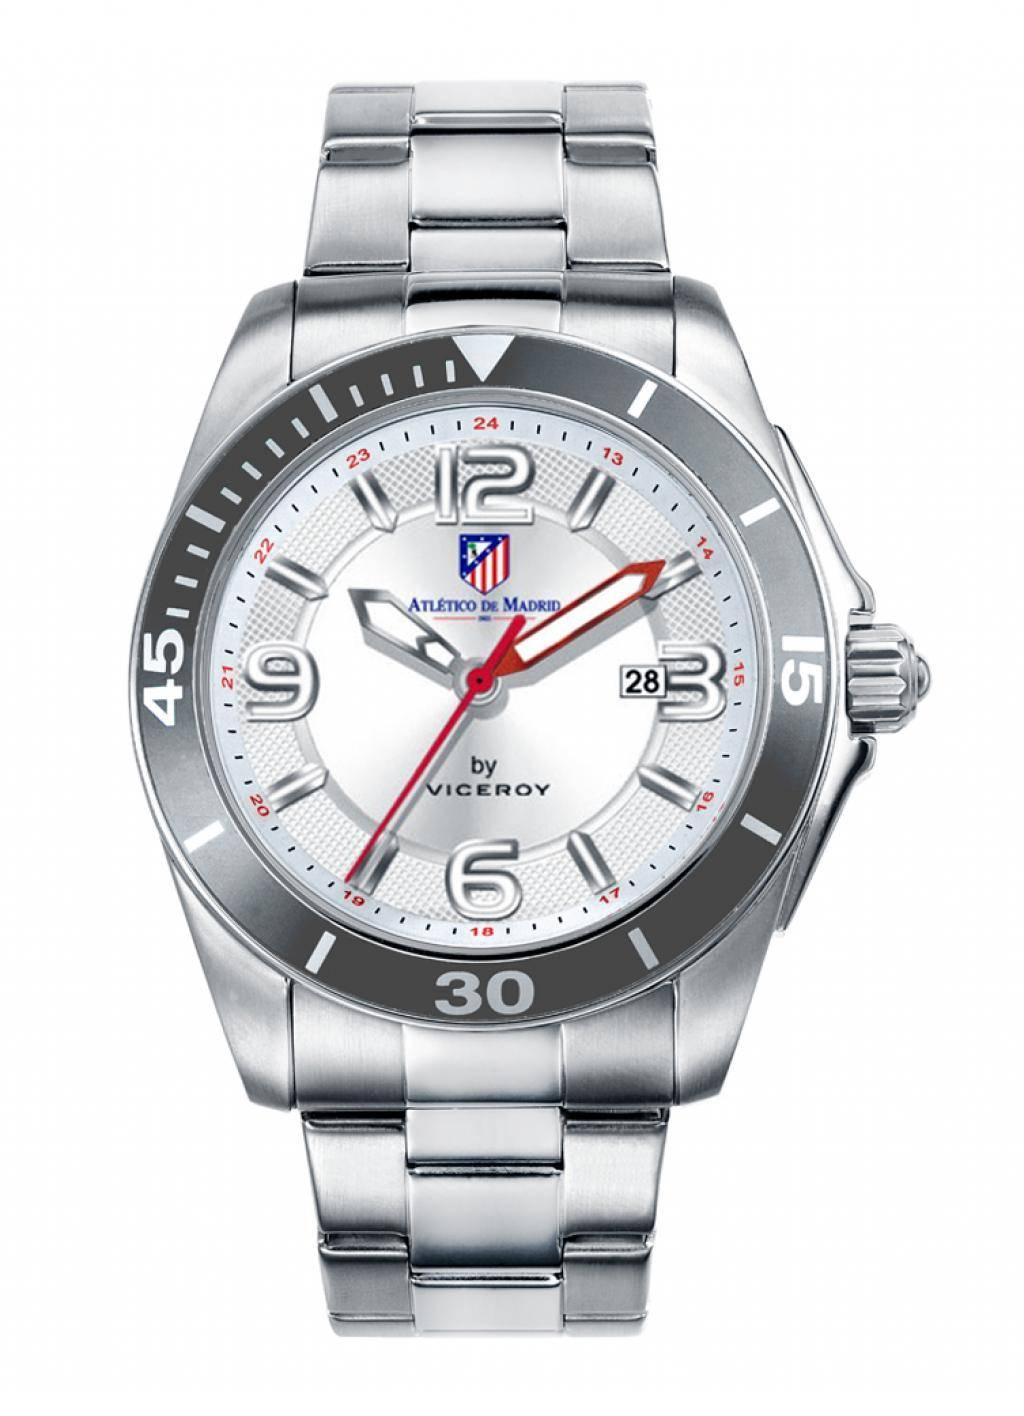 Reloj Viceroy modelo 432873-05 Atlético de Madrid – Información ante de comprar